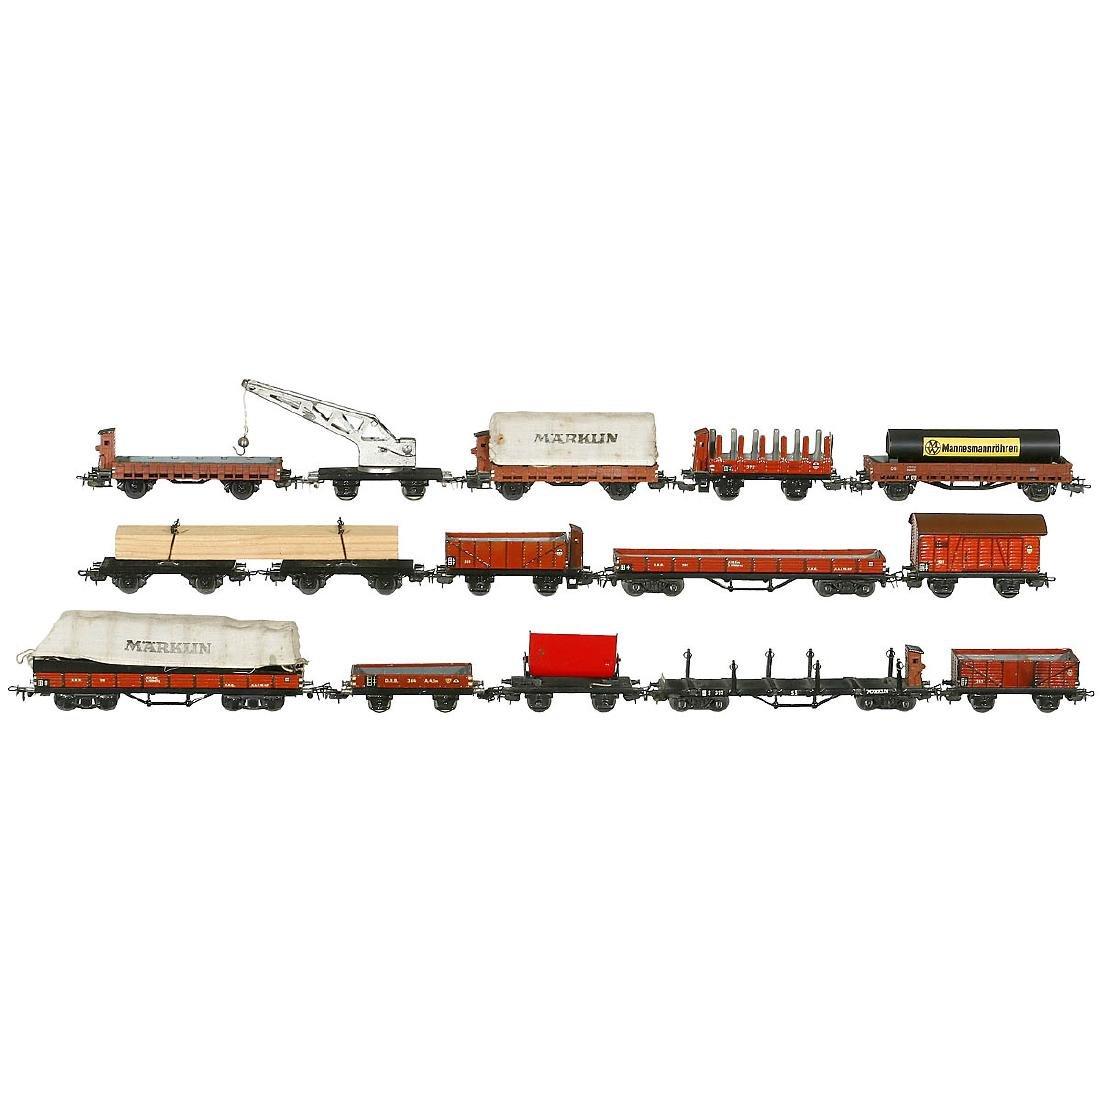 14 Märklin Freight Wagons, 1950 onwards